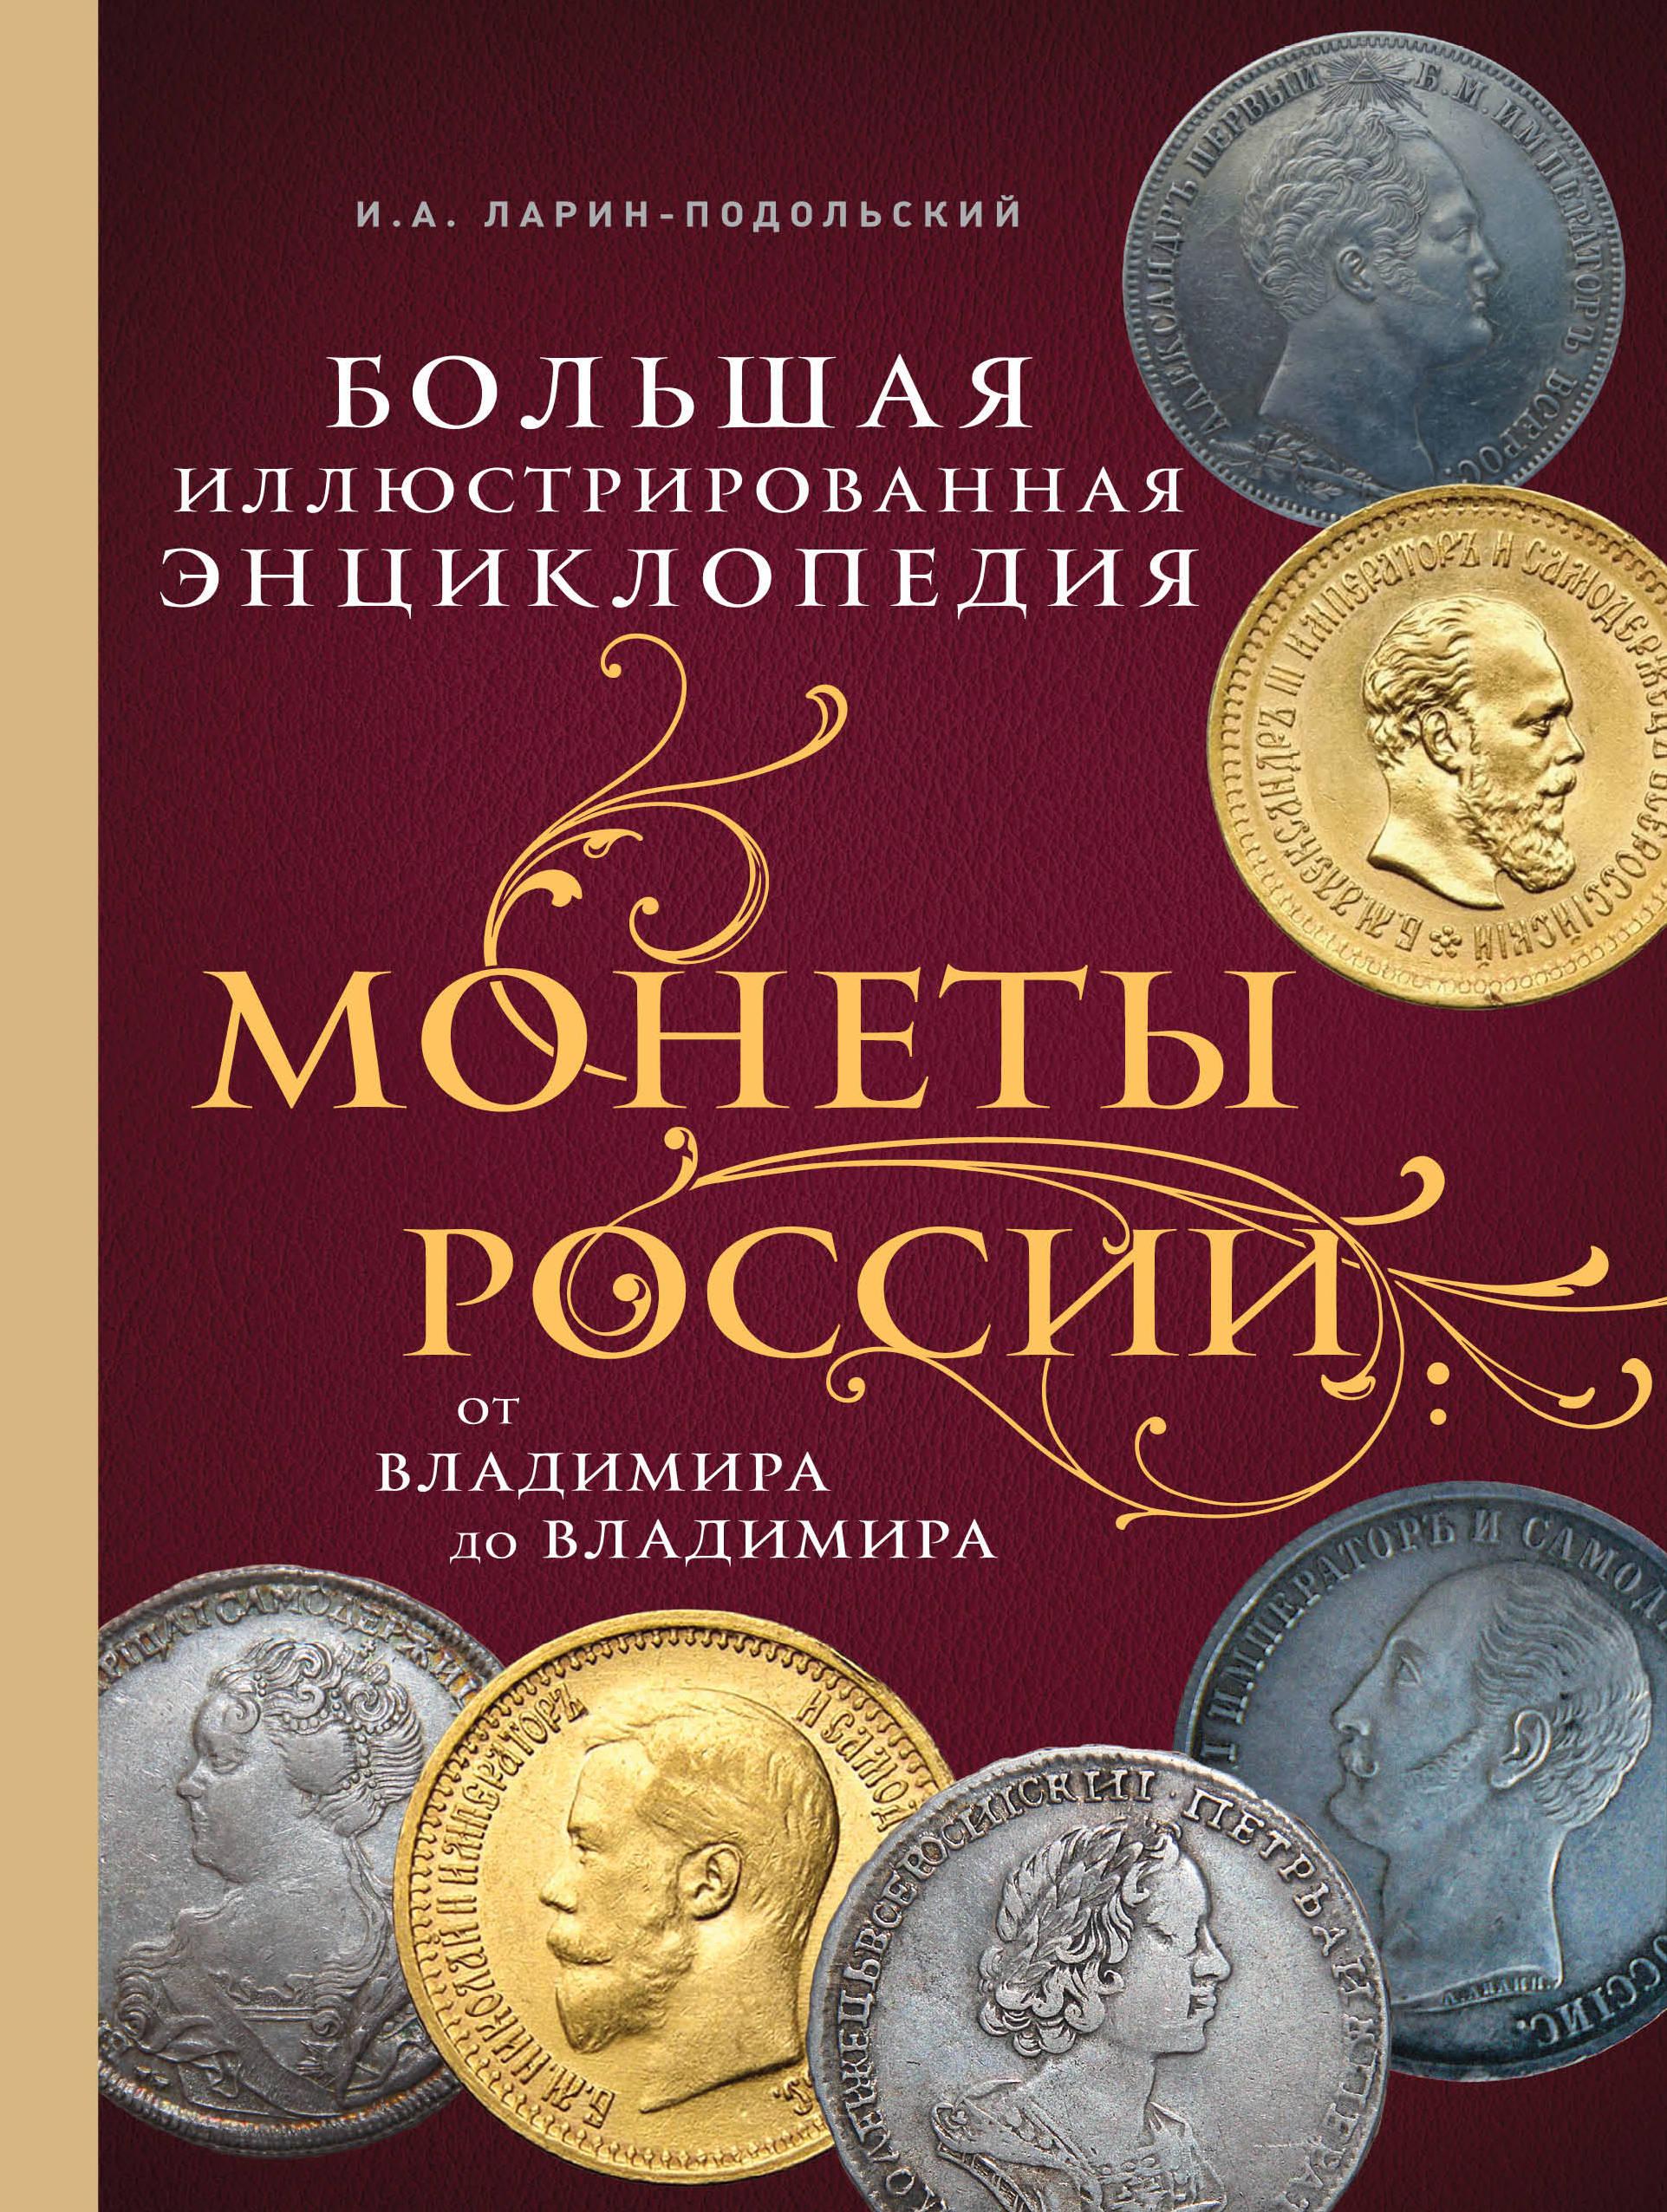 Monety Rossii: ot Vladimira do Vladimira (Novoe podarochnoe oformlenie)